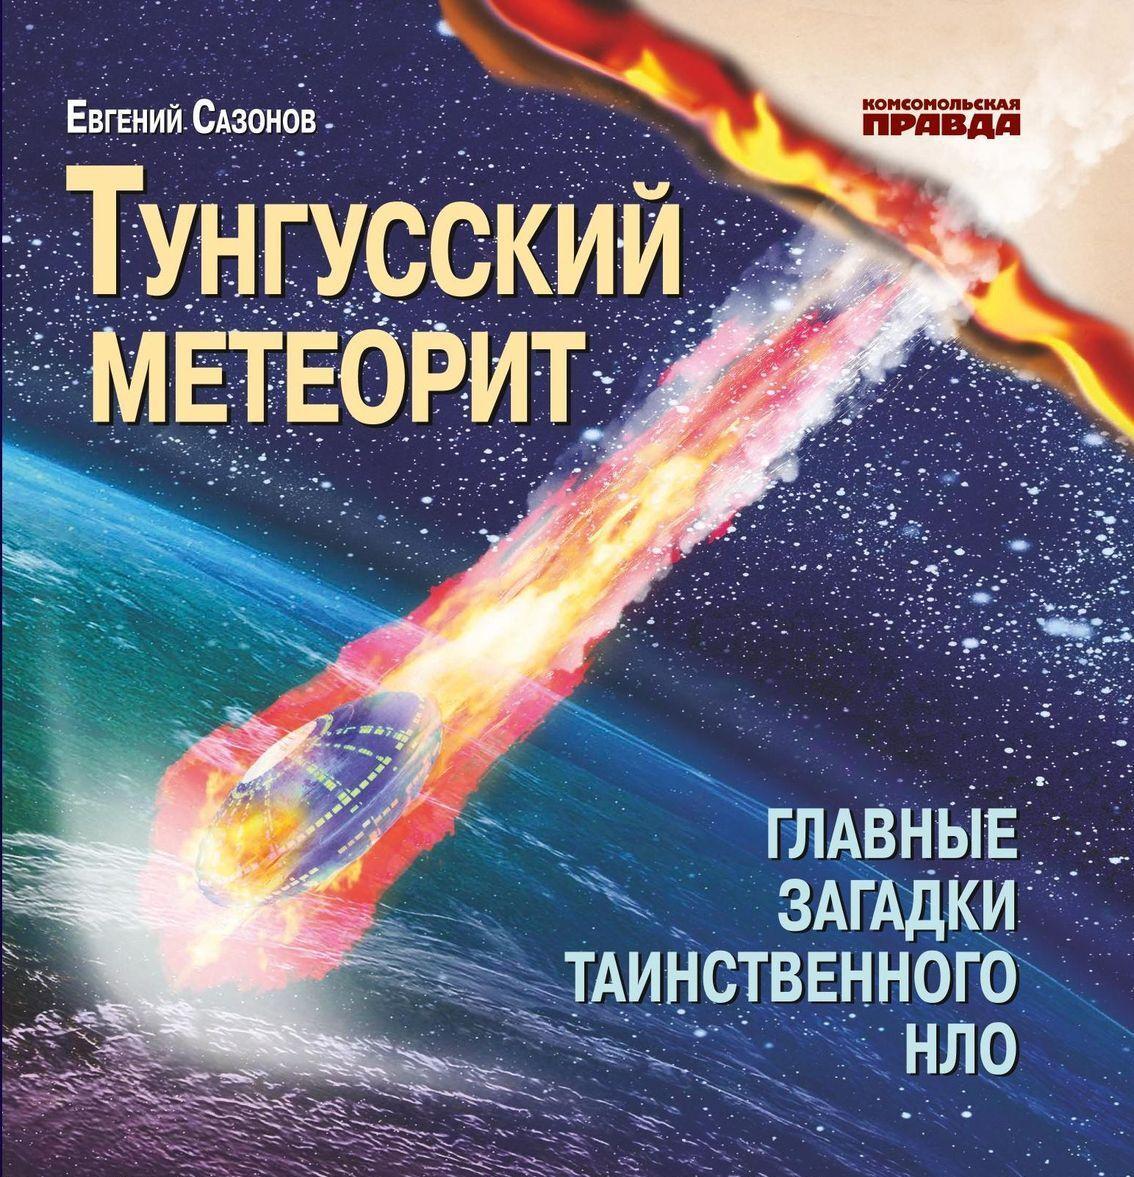 """Kniga """"Tungusskij meteorit. Glavnye zagadki tainstvennogo NLO"""""""